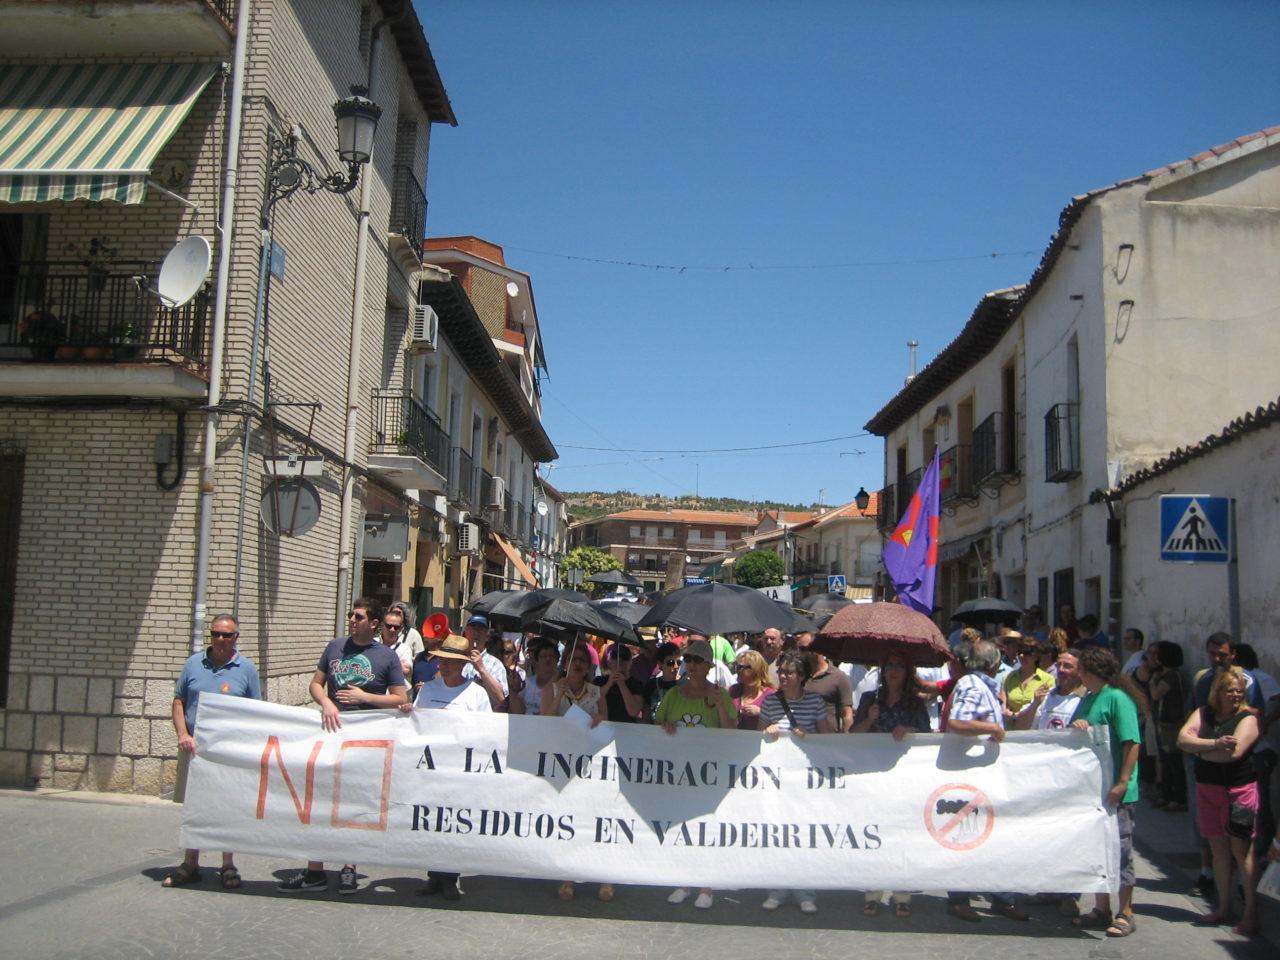 Centenares de personas se manifiestan contra la incineración de residuos en la cementera de Morata de Tajuña